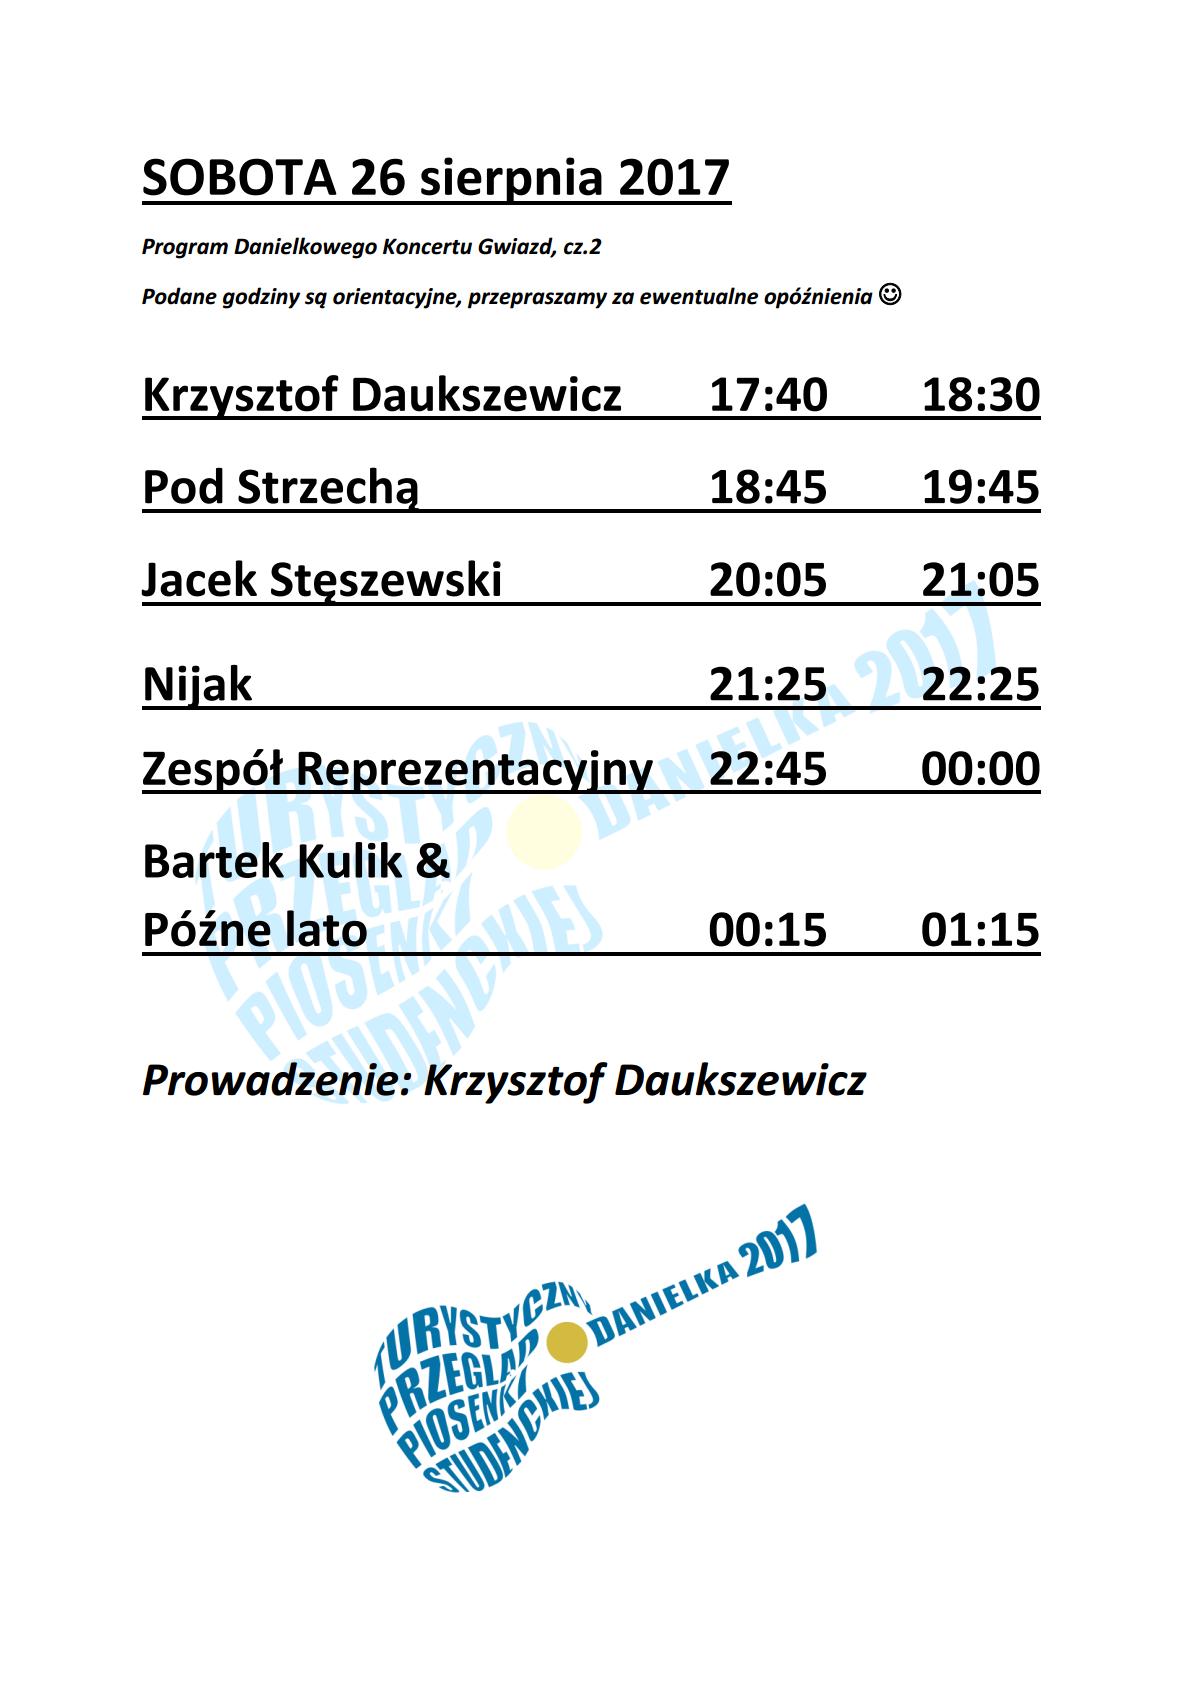 Program godzinowy Danielki 2017 – sobota